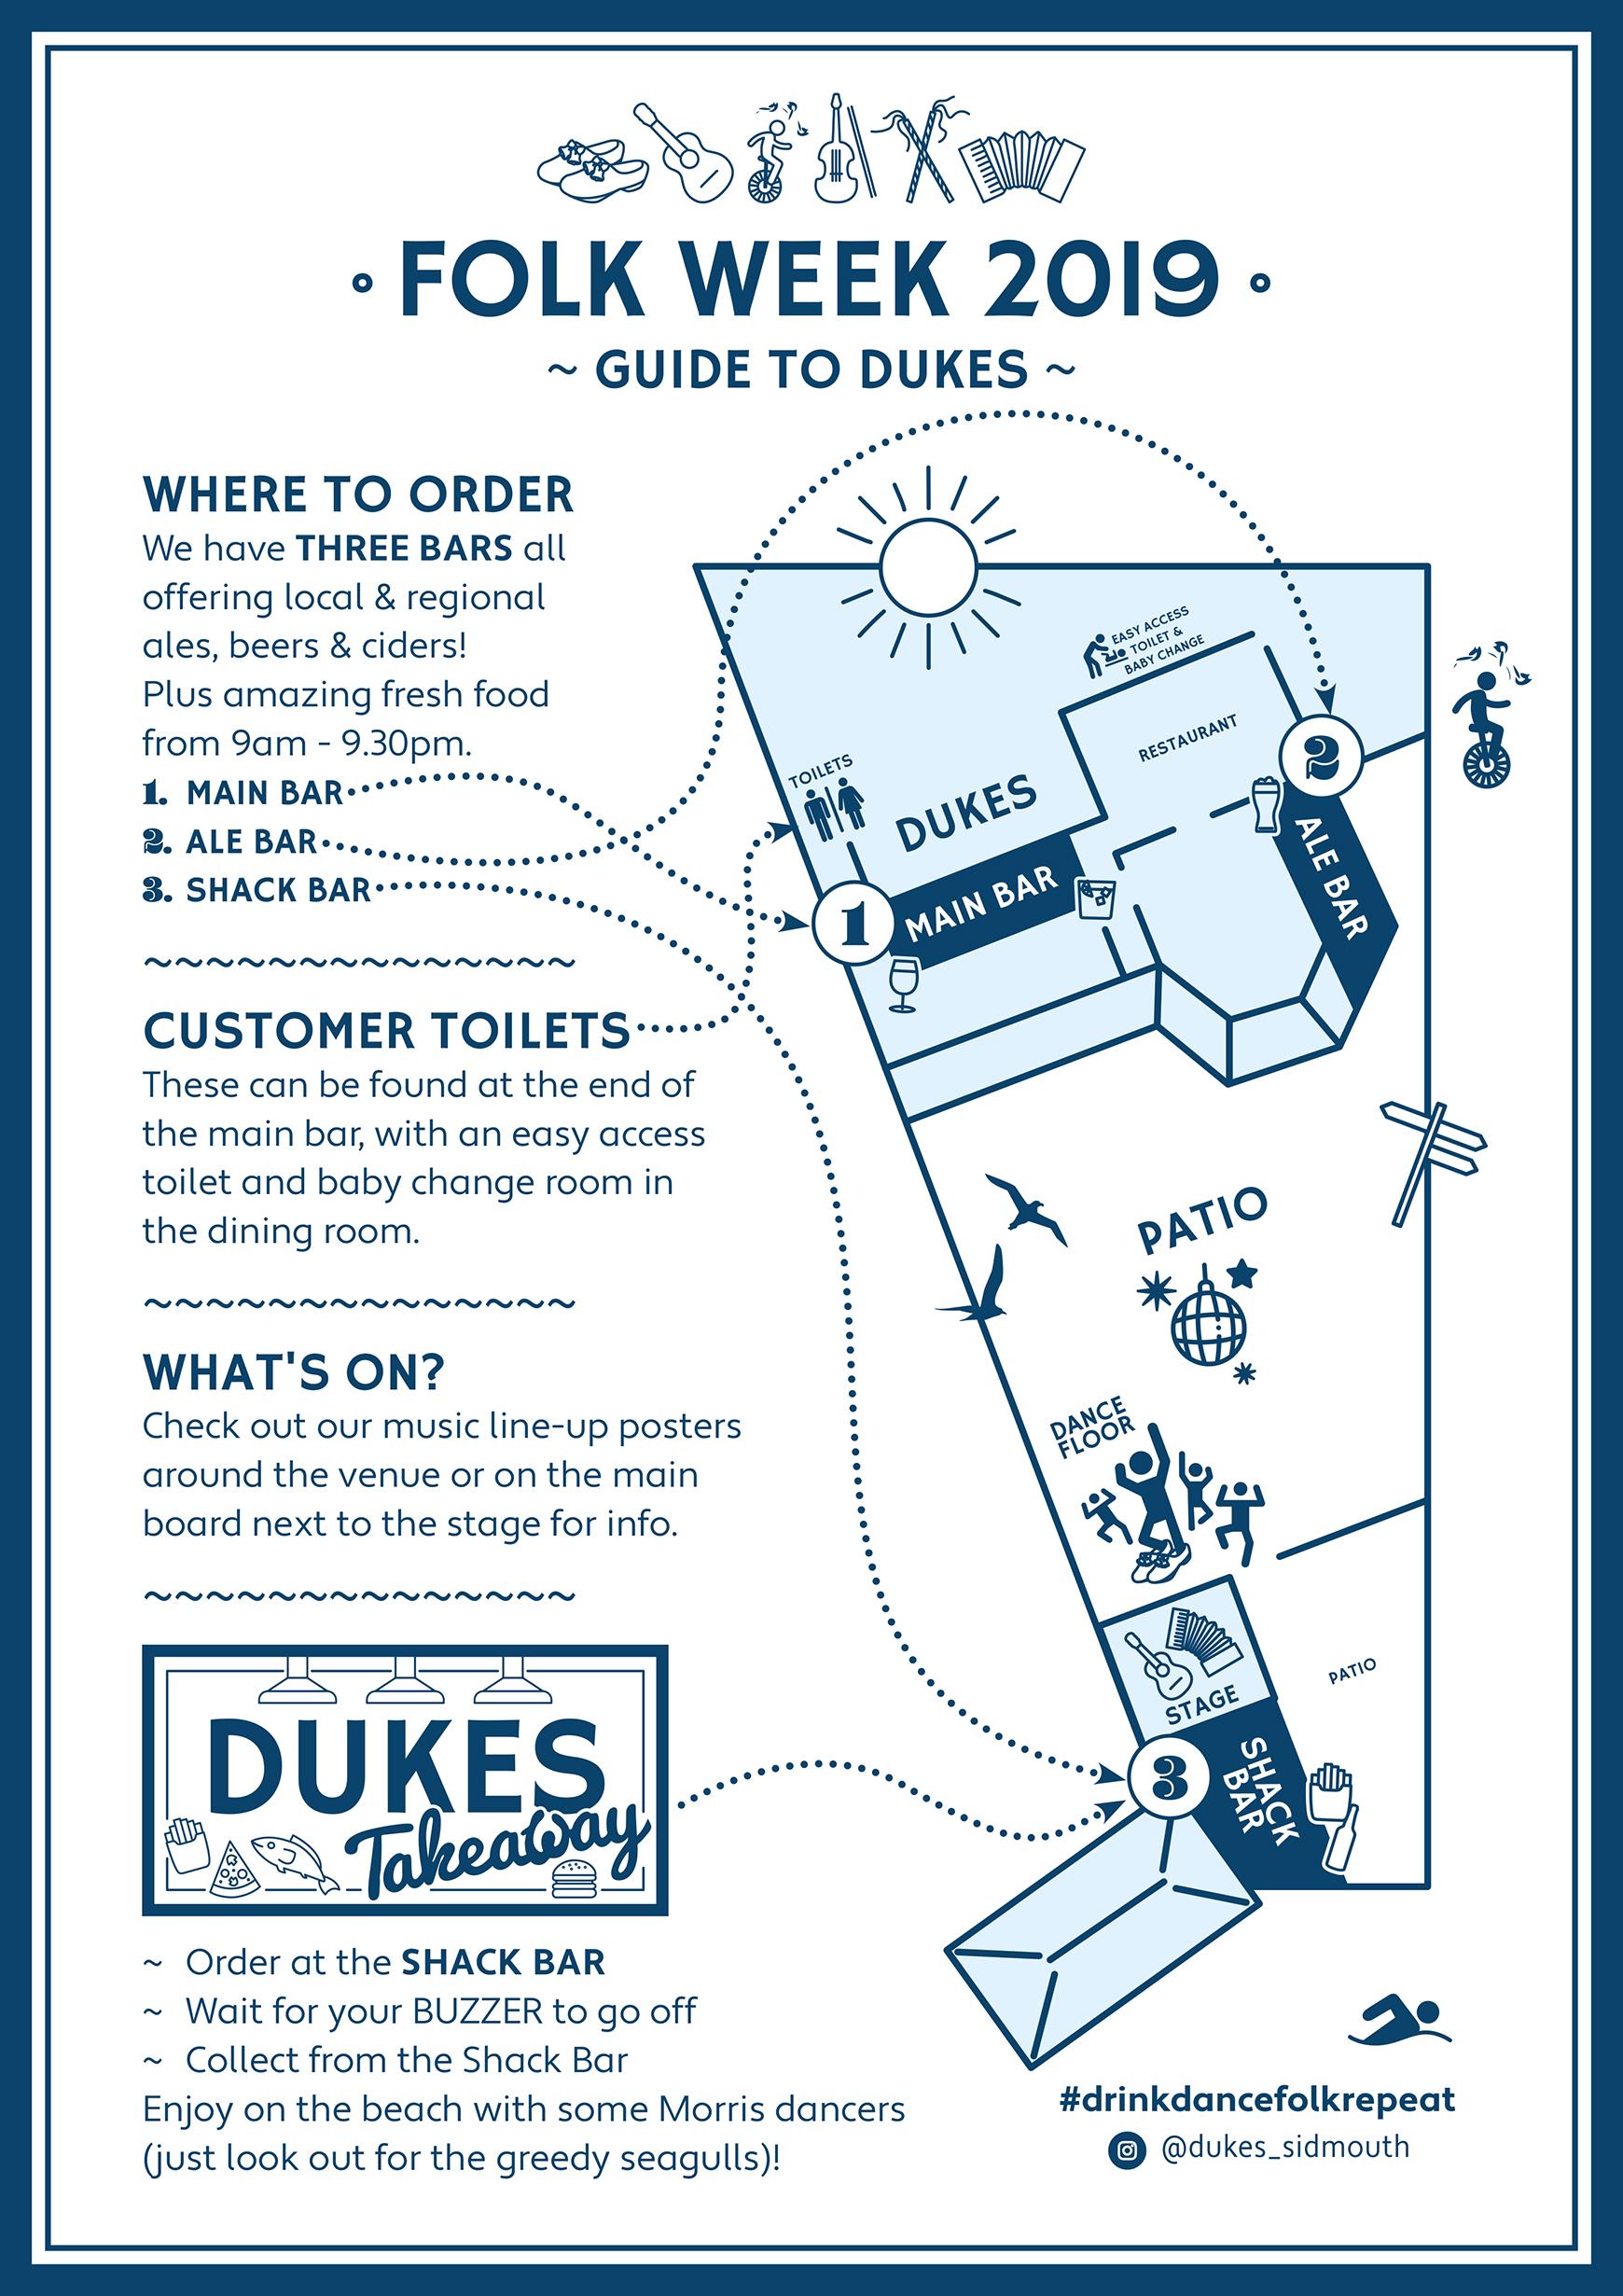 Dukes Inn